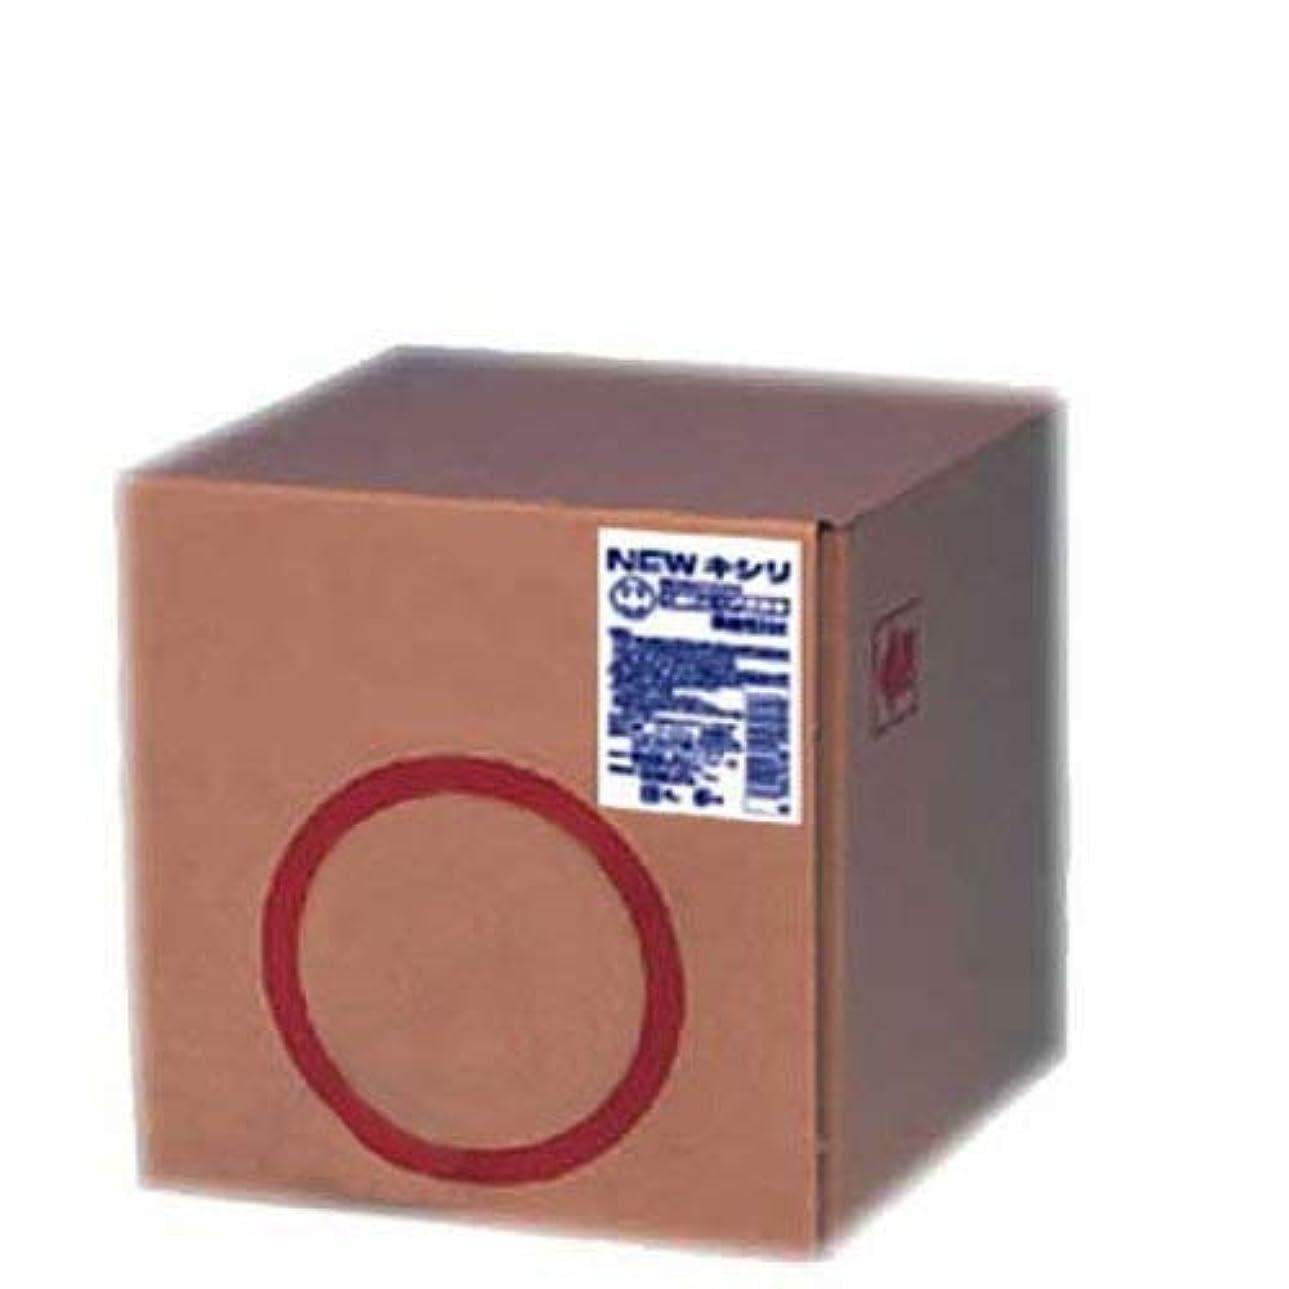 森芸術寺院フレッシュ洗口液 マウスウォッシュ NEWキシリ 300ml 25倍濃縮お得タイプ (5L?コック付属)